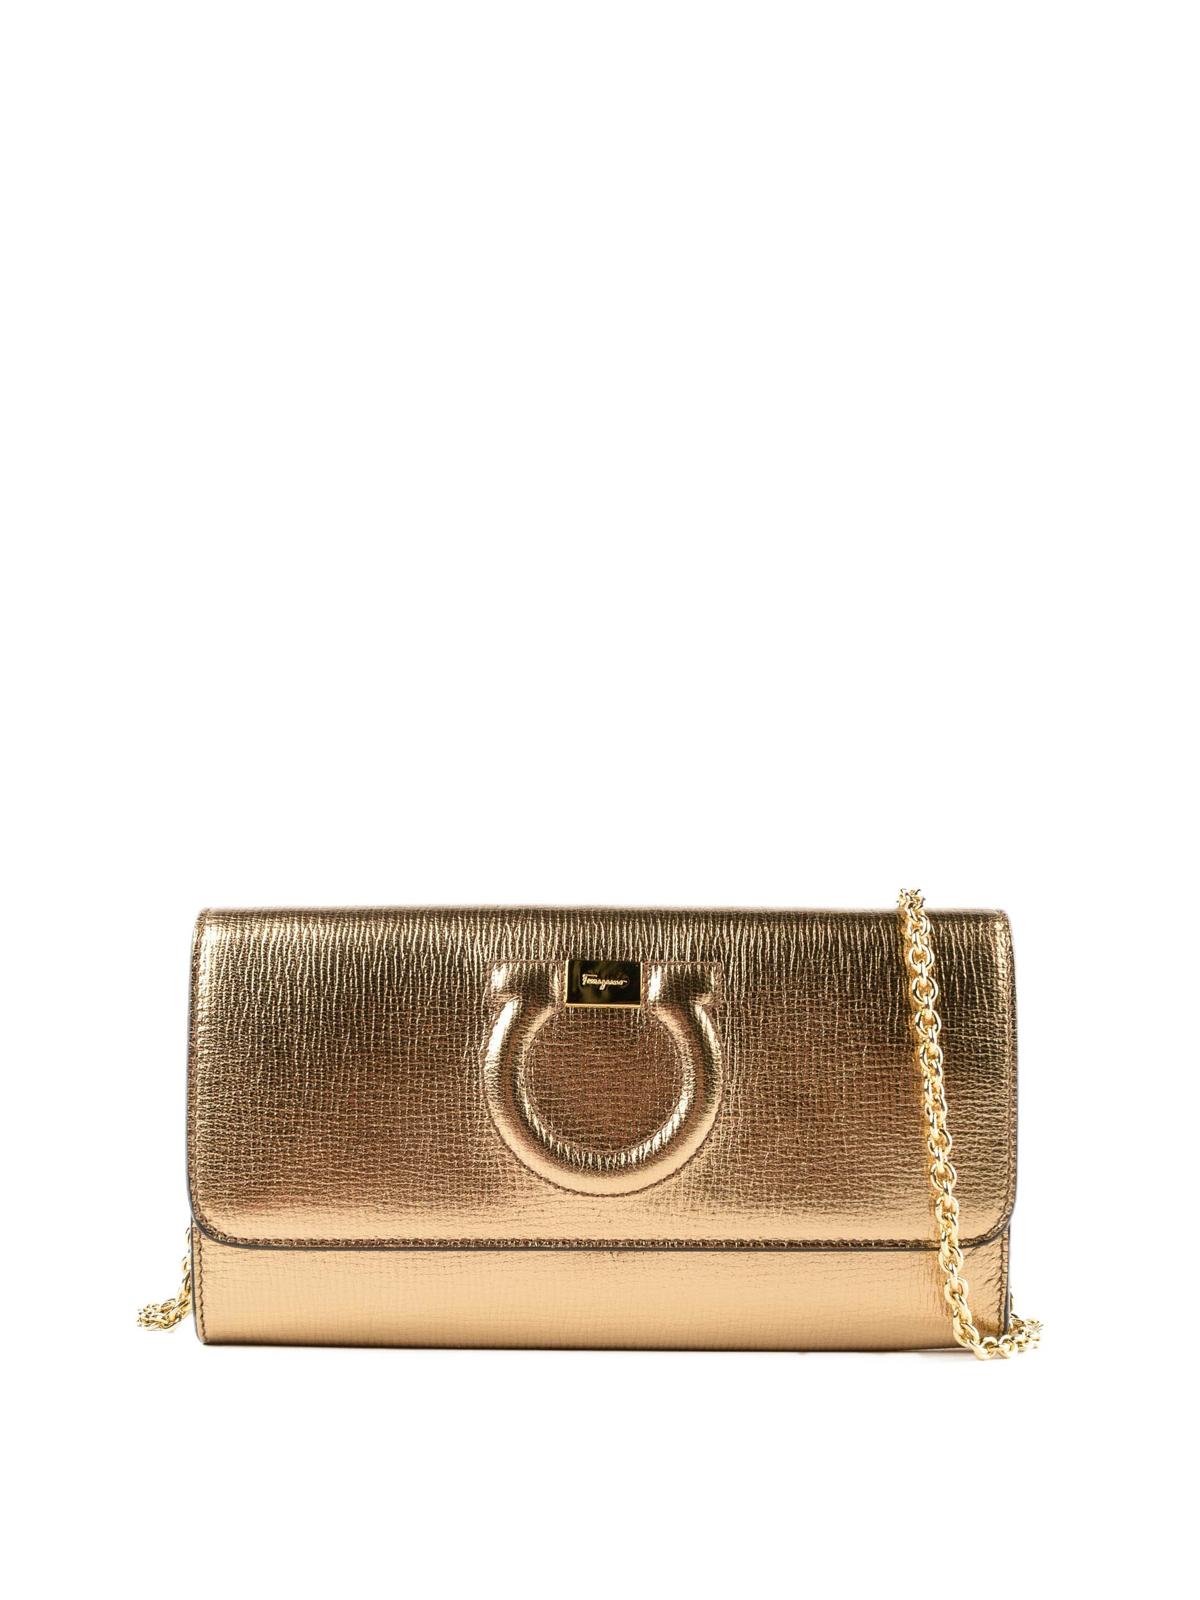 b2e5e775c30c Salvatore Ferragamo - Gancini gold leather wallet clutch - clutches ...